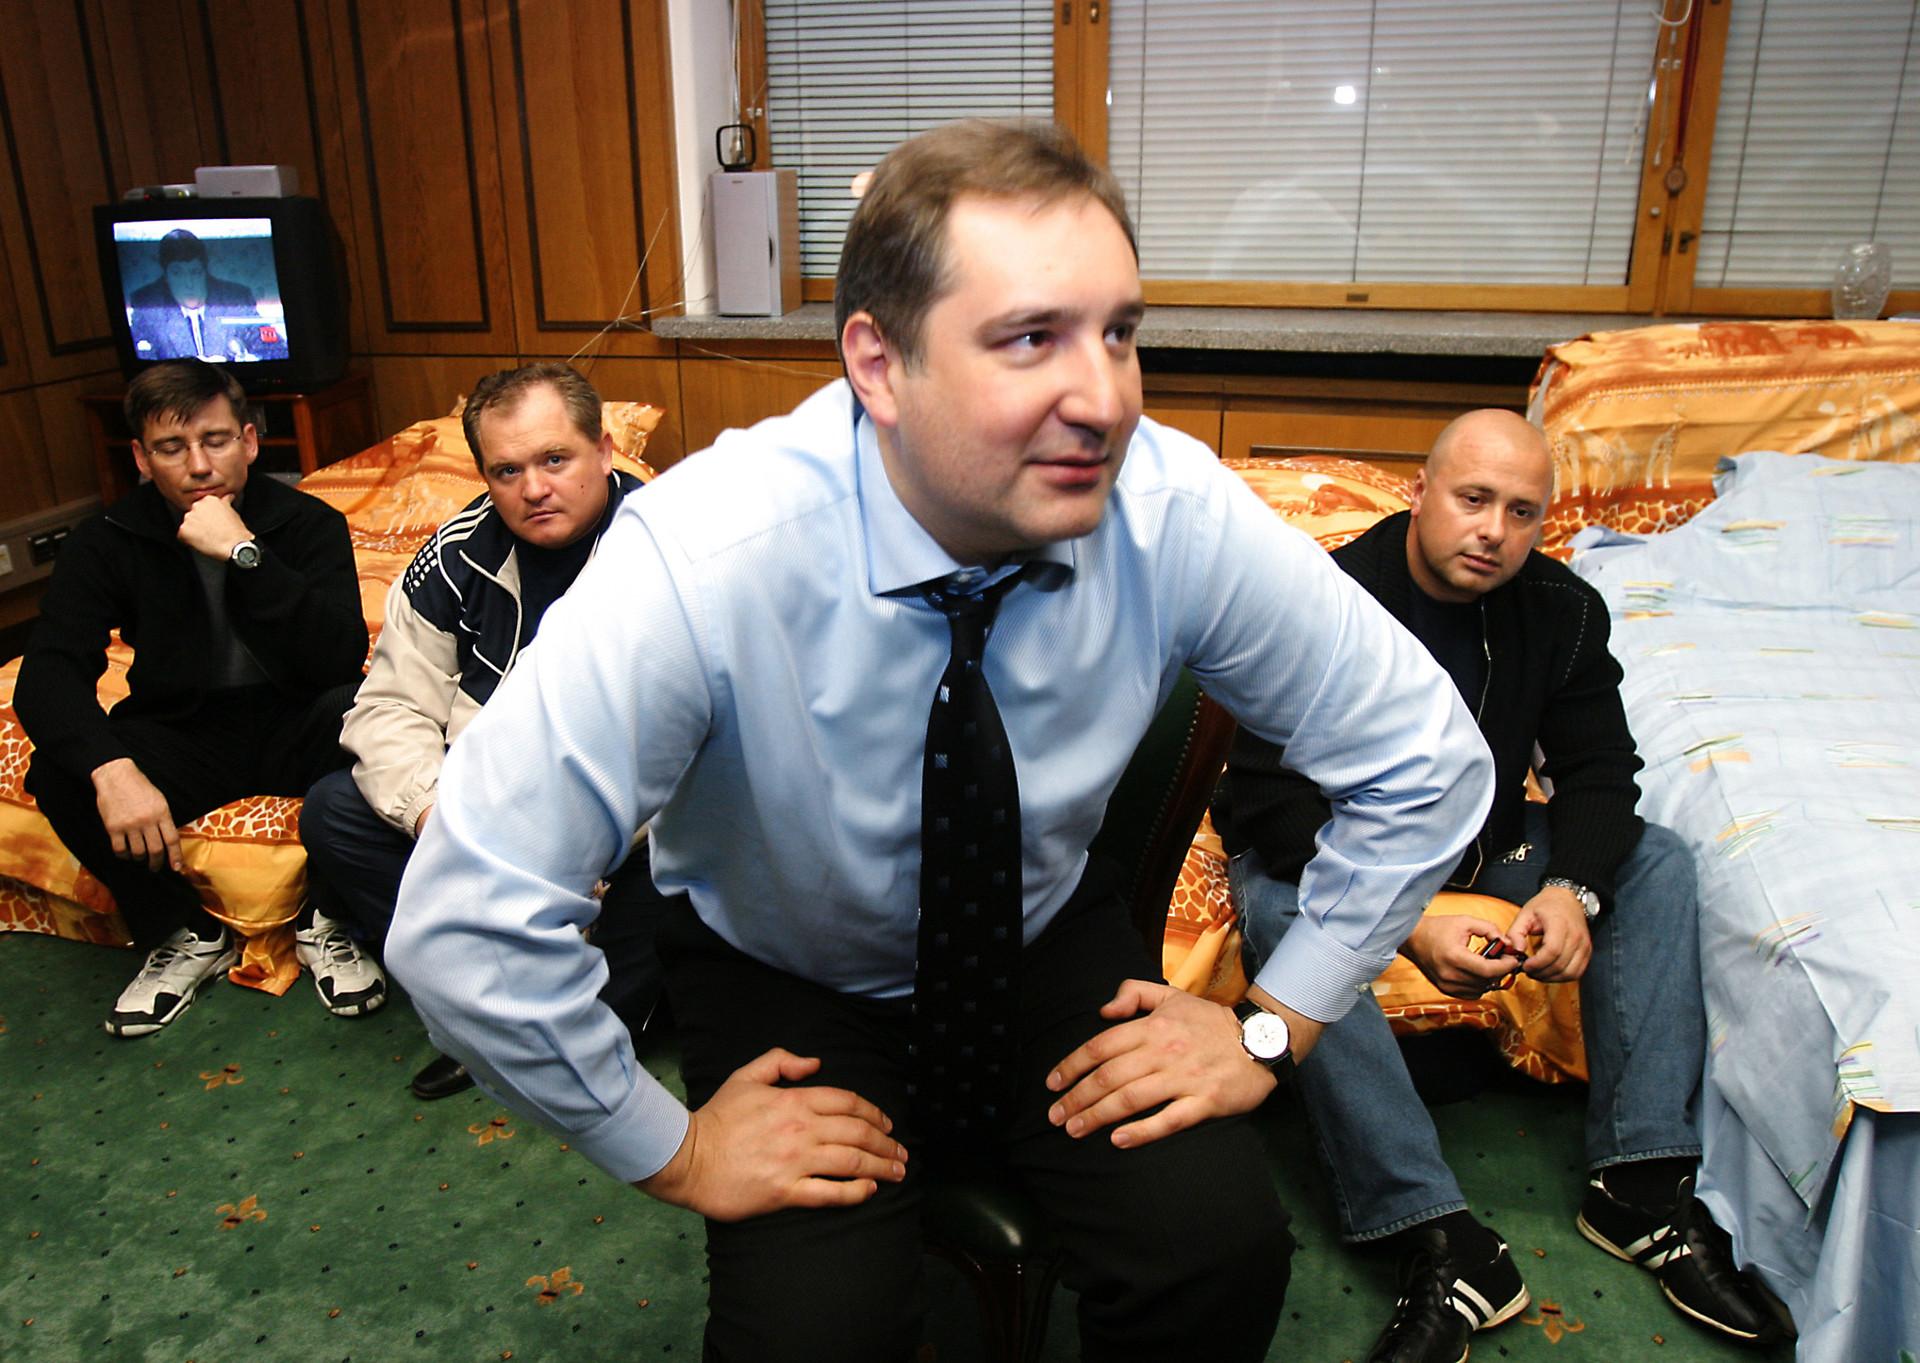 Durante una huelga de hambre en la Duma contra una ley de pagos de favor, en 2005